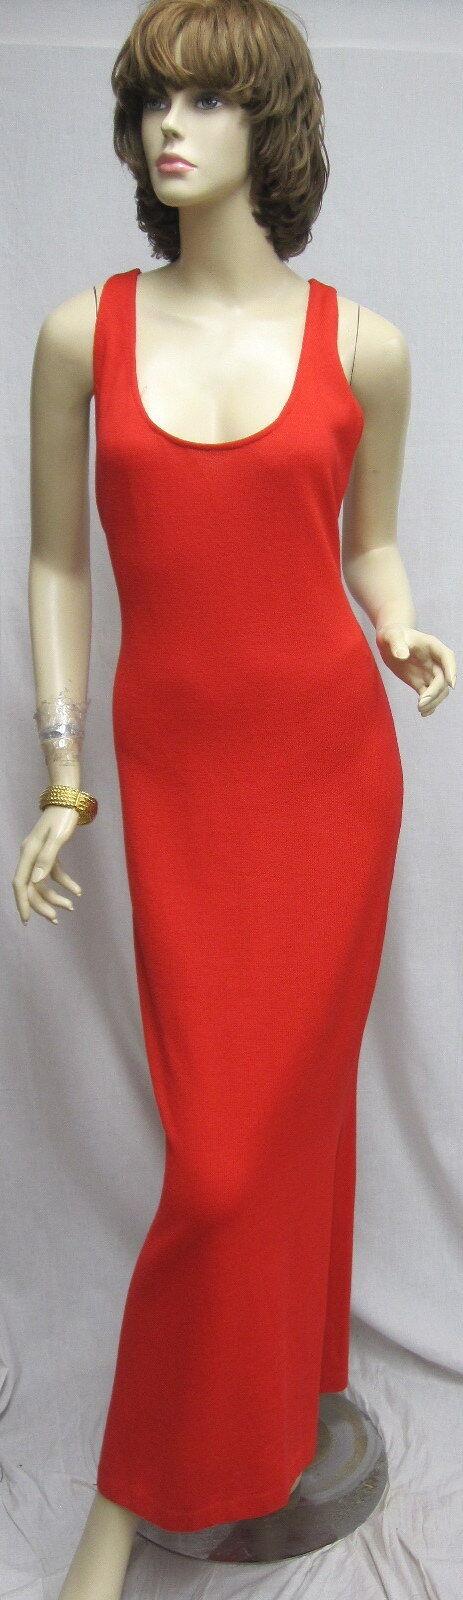 St. John Knit EVENING NWOT Red SEXY DRESS SZ 6